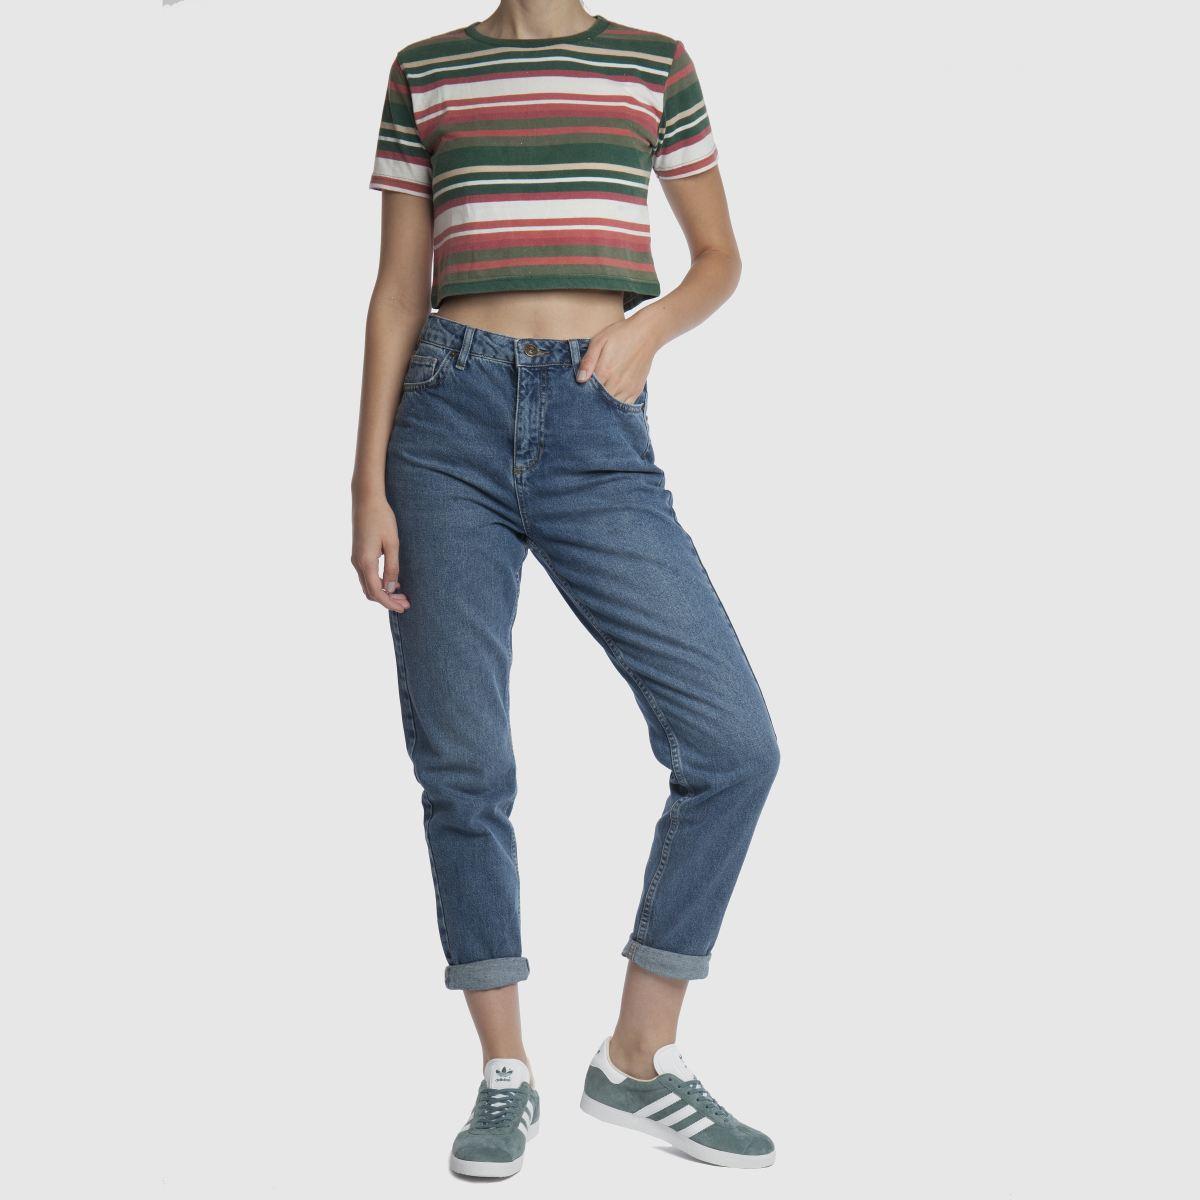 Damen Sneaker Grün adidas Gazelle Suede Sneaker Damen | schuh Gute Qualität beliebte Schuhe 313e6c